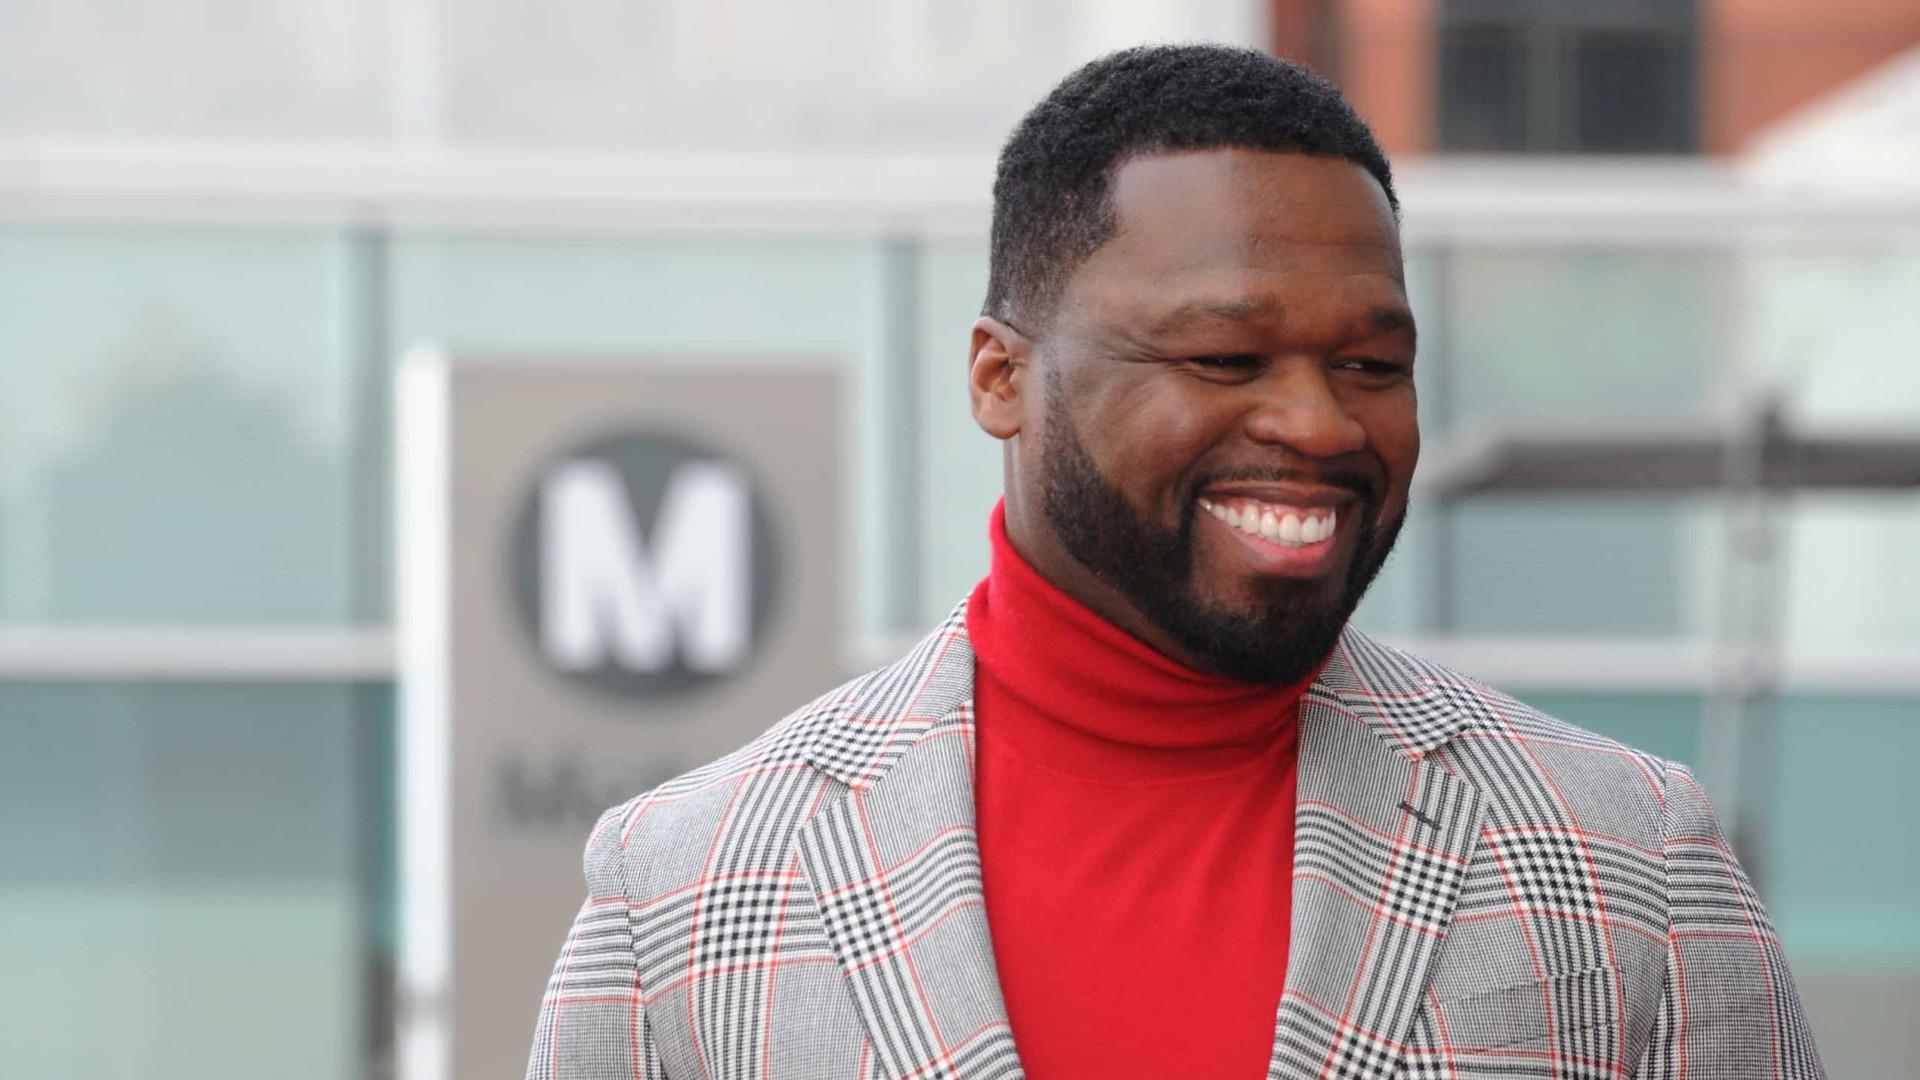 Finalmente conseguiu: 50 Cent já tem a sua estrela no Passeio da Fama